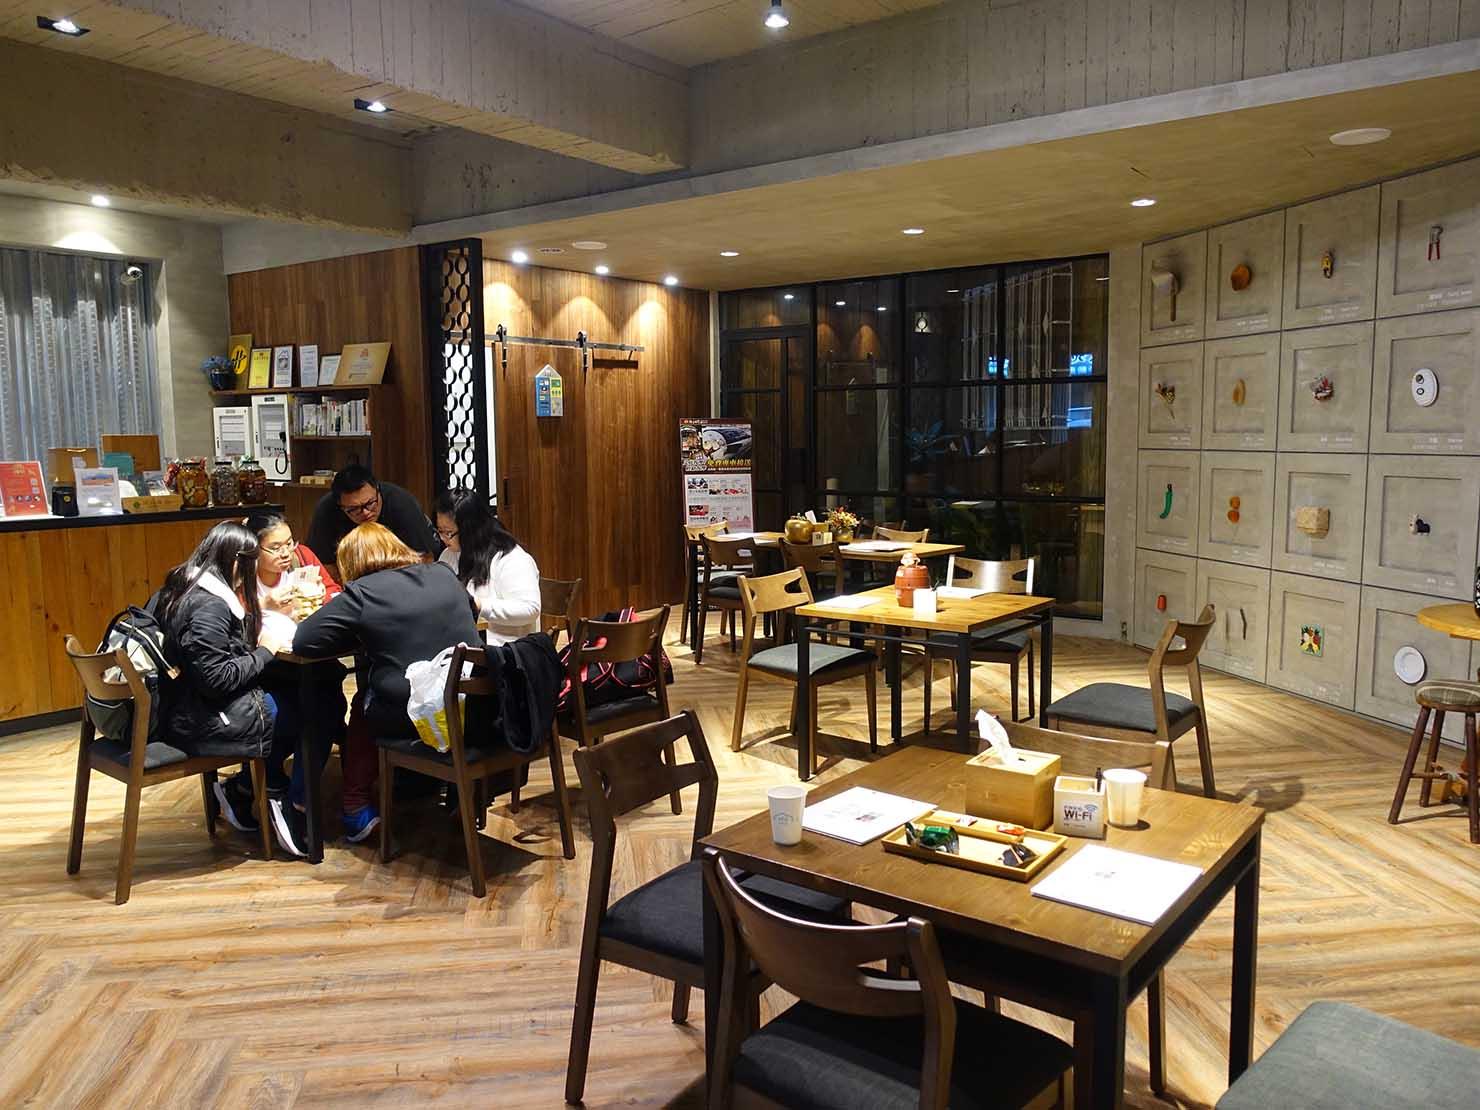 台南駅徒歩10分のかわいいデザインホテル「南方家屋 Old School」のロビー